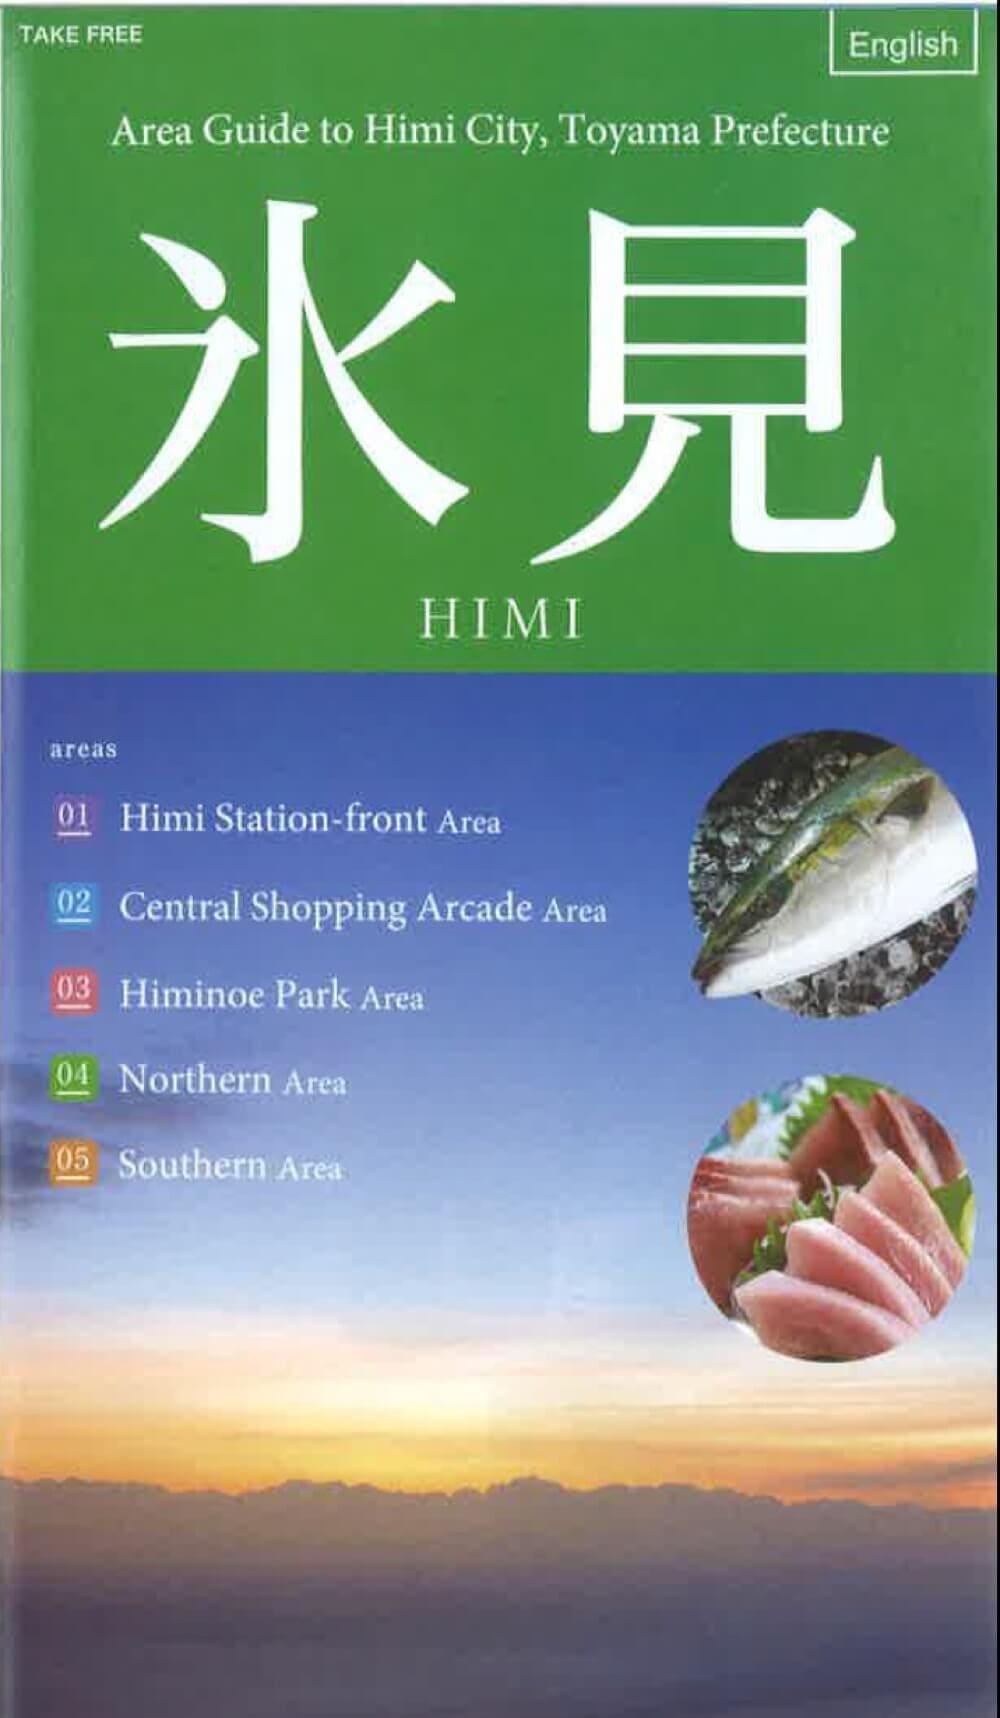 himi-city